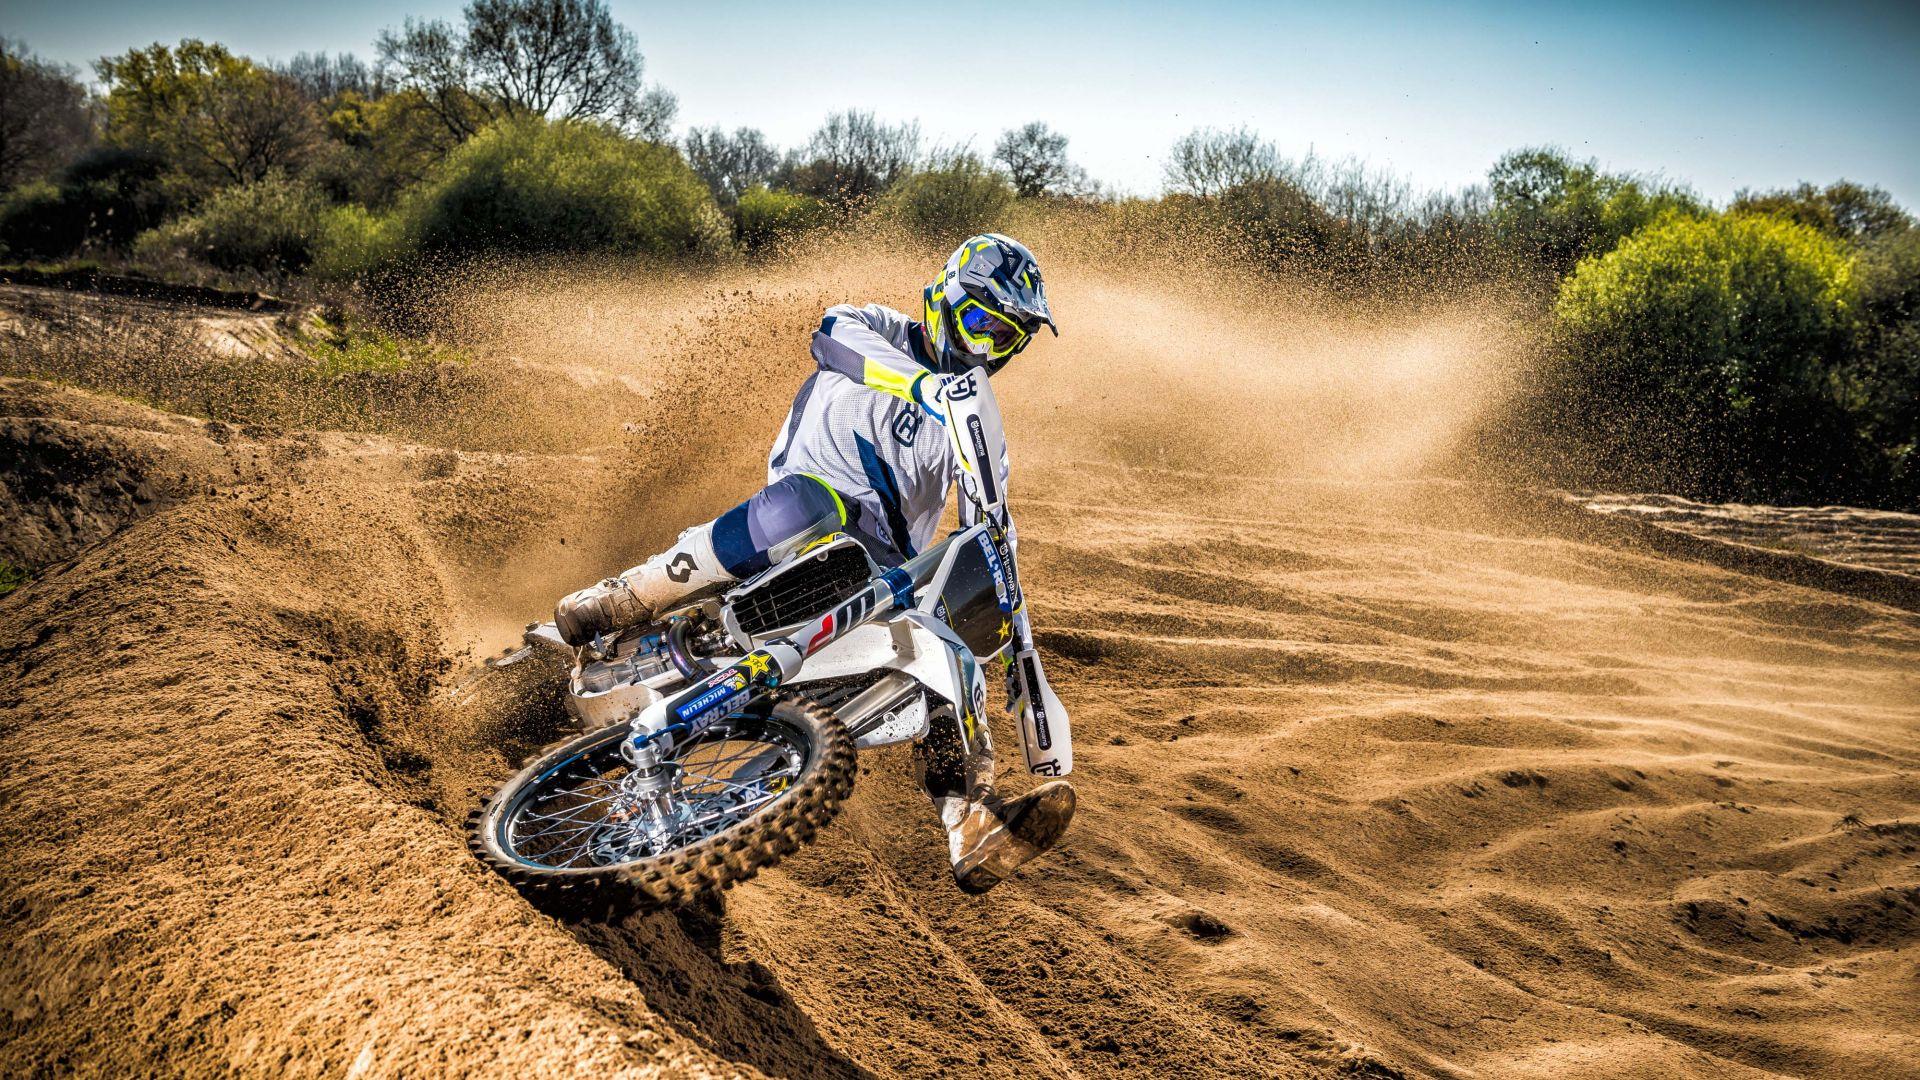 мотоцикл занос пыль мотокросс скачать